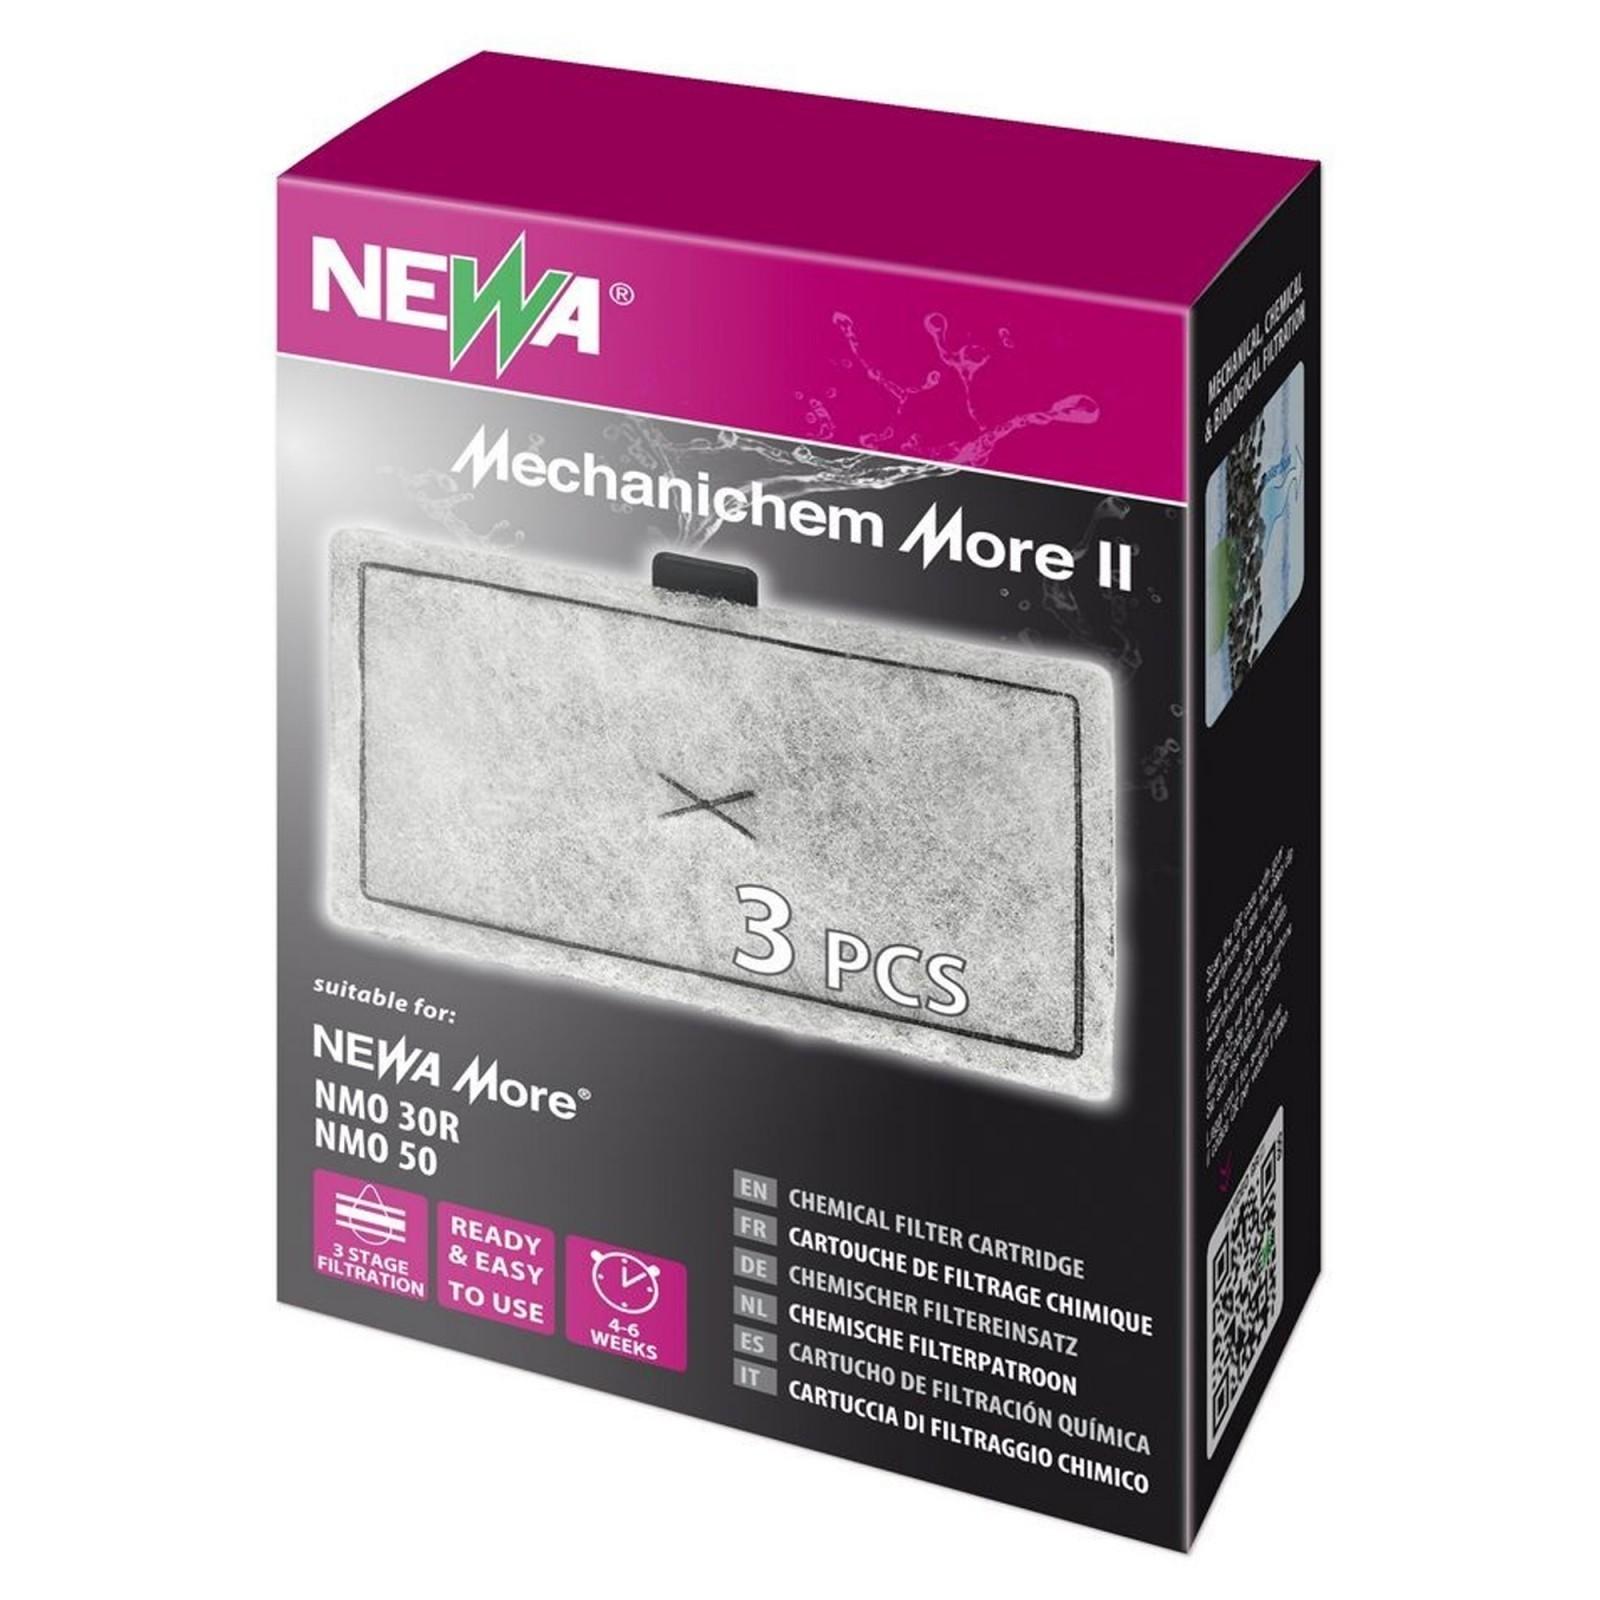 Newa Mechanichem More II Cartuccia Carbone 3 pz adatto per newa more 30 reef e 50